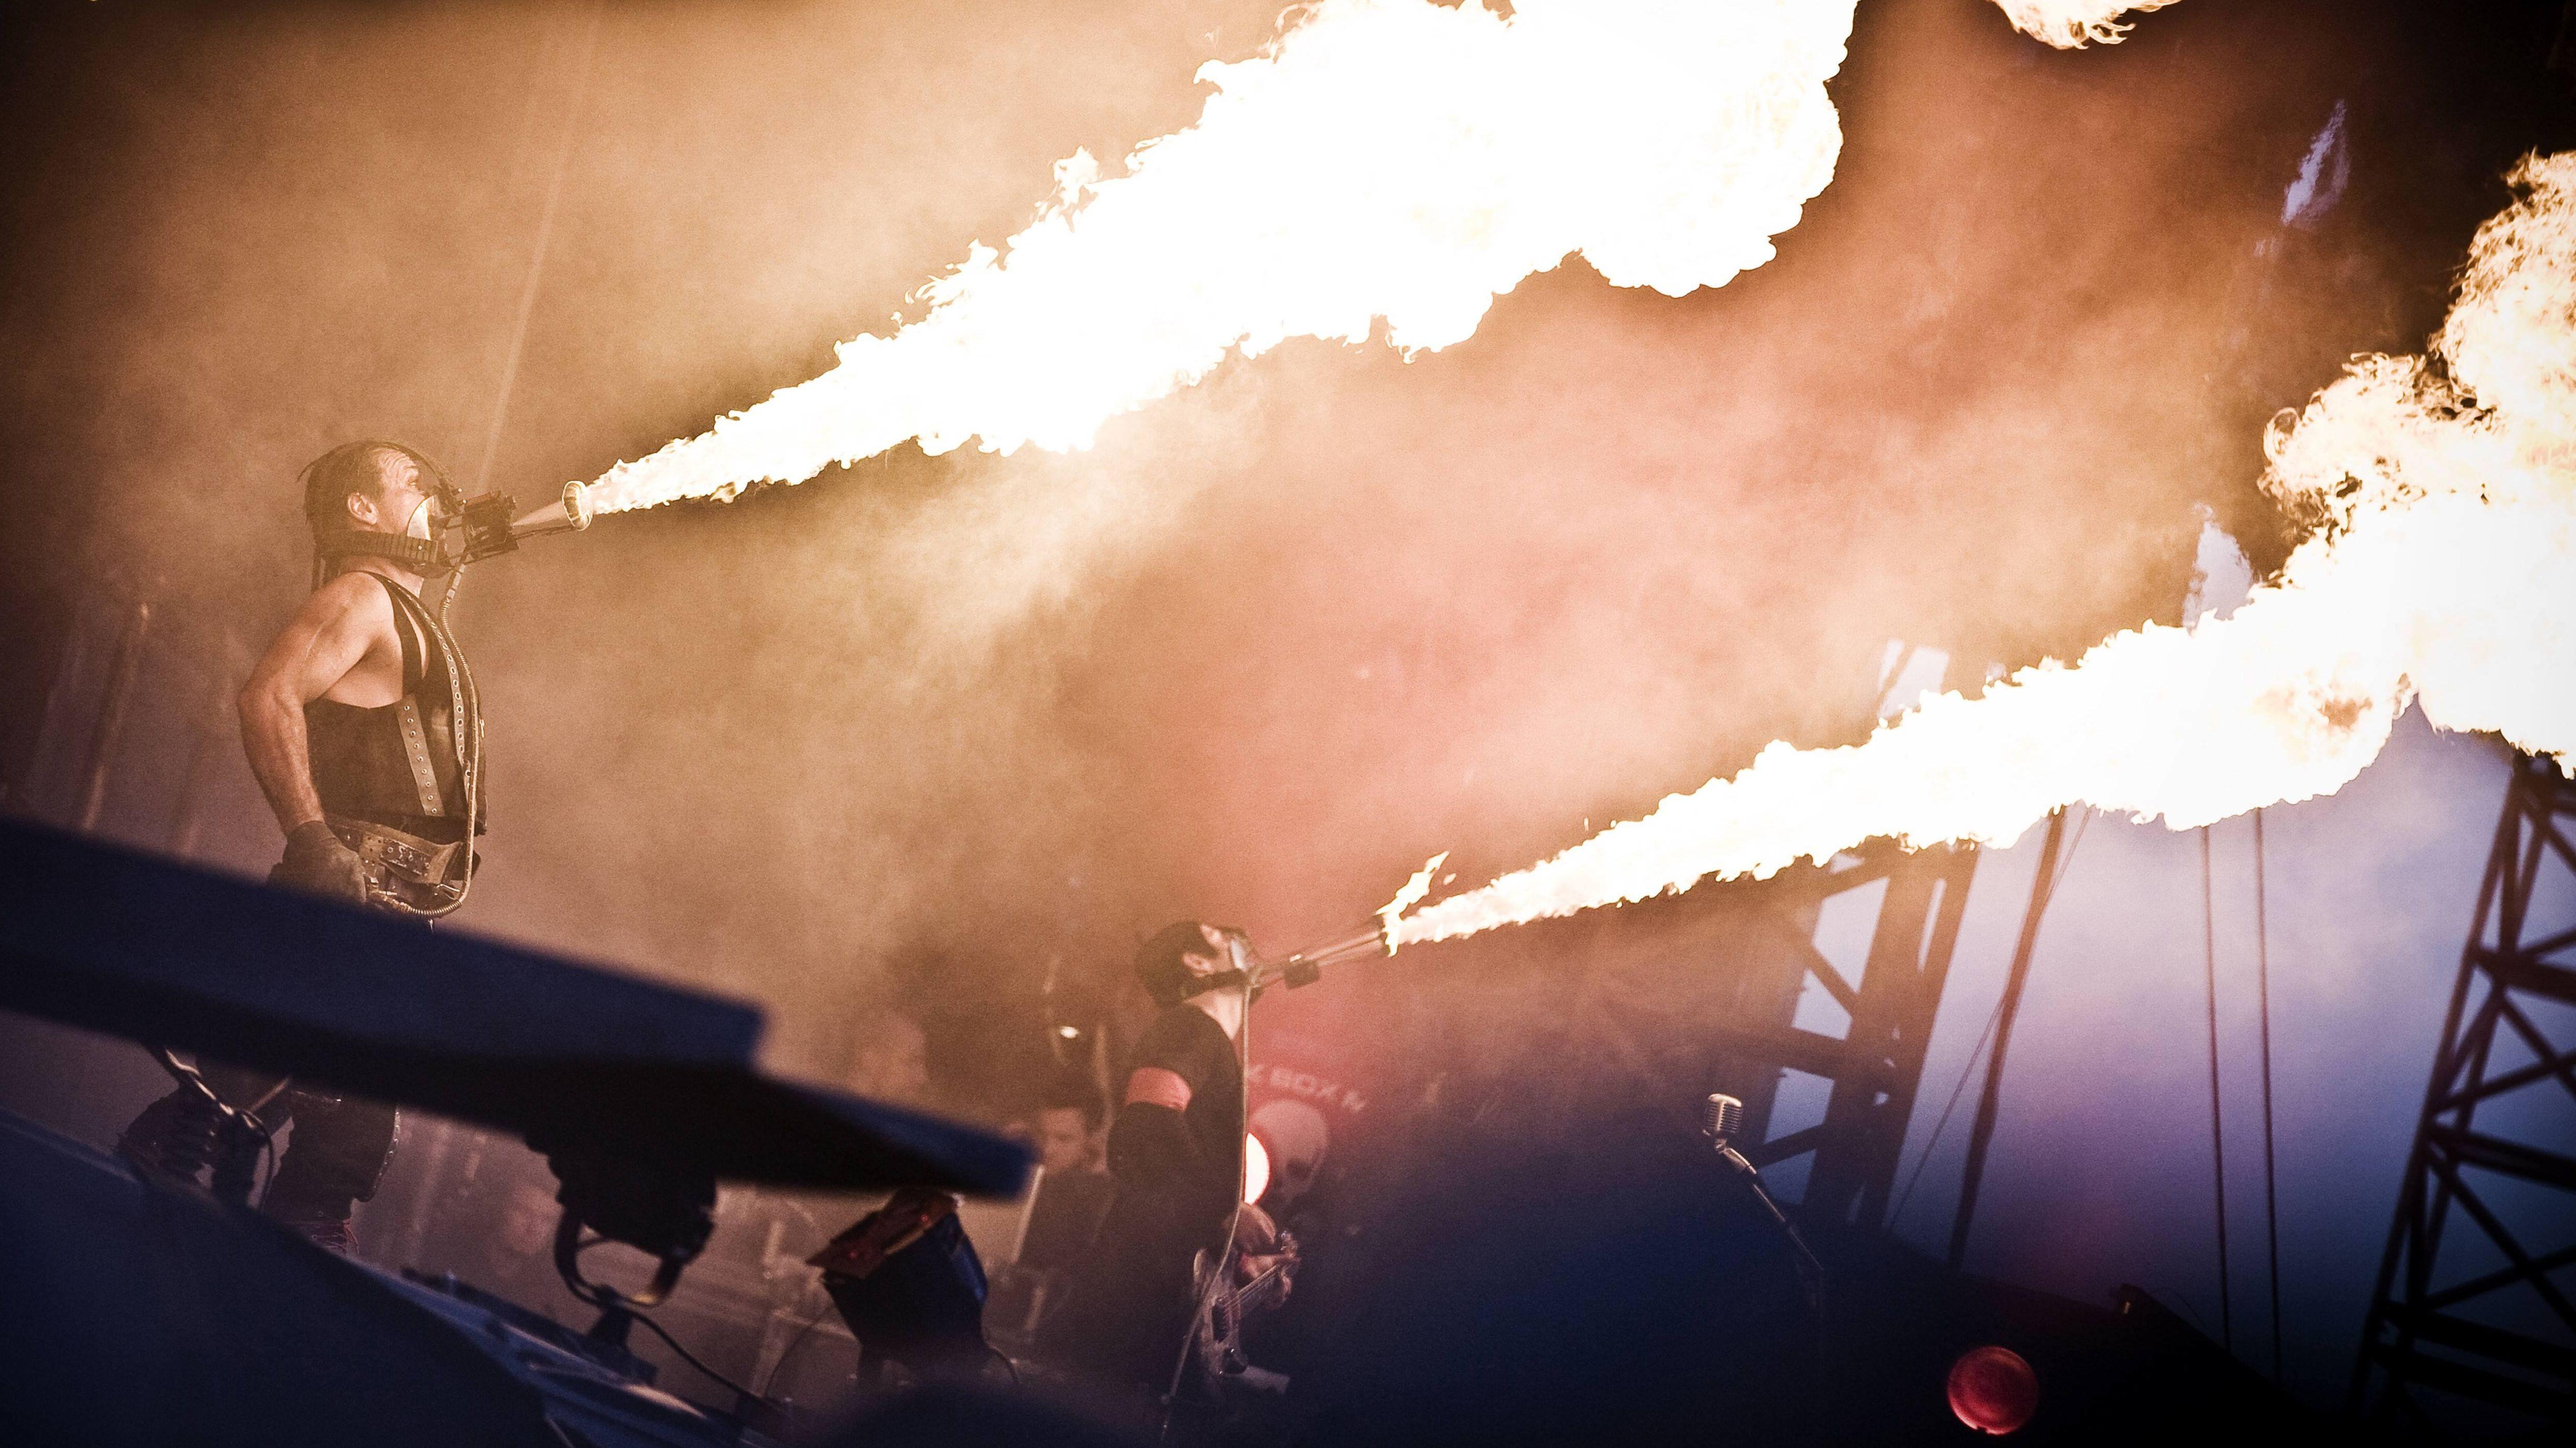 Rammstein-Bandmitglieder sprühen Flammen von der Bühne.